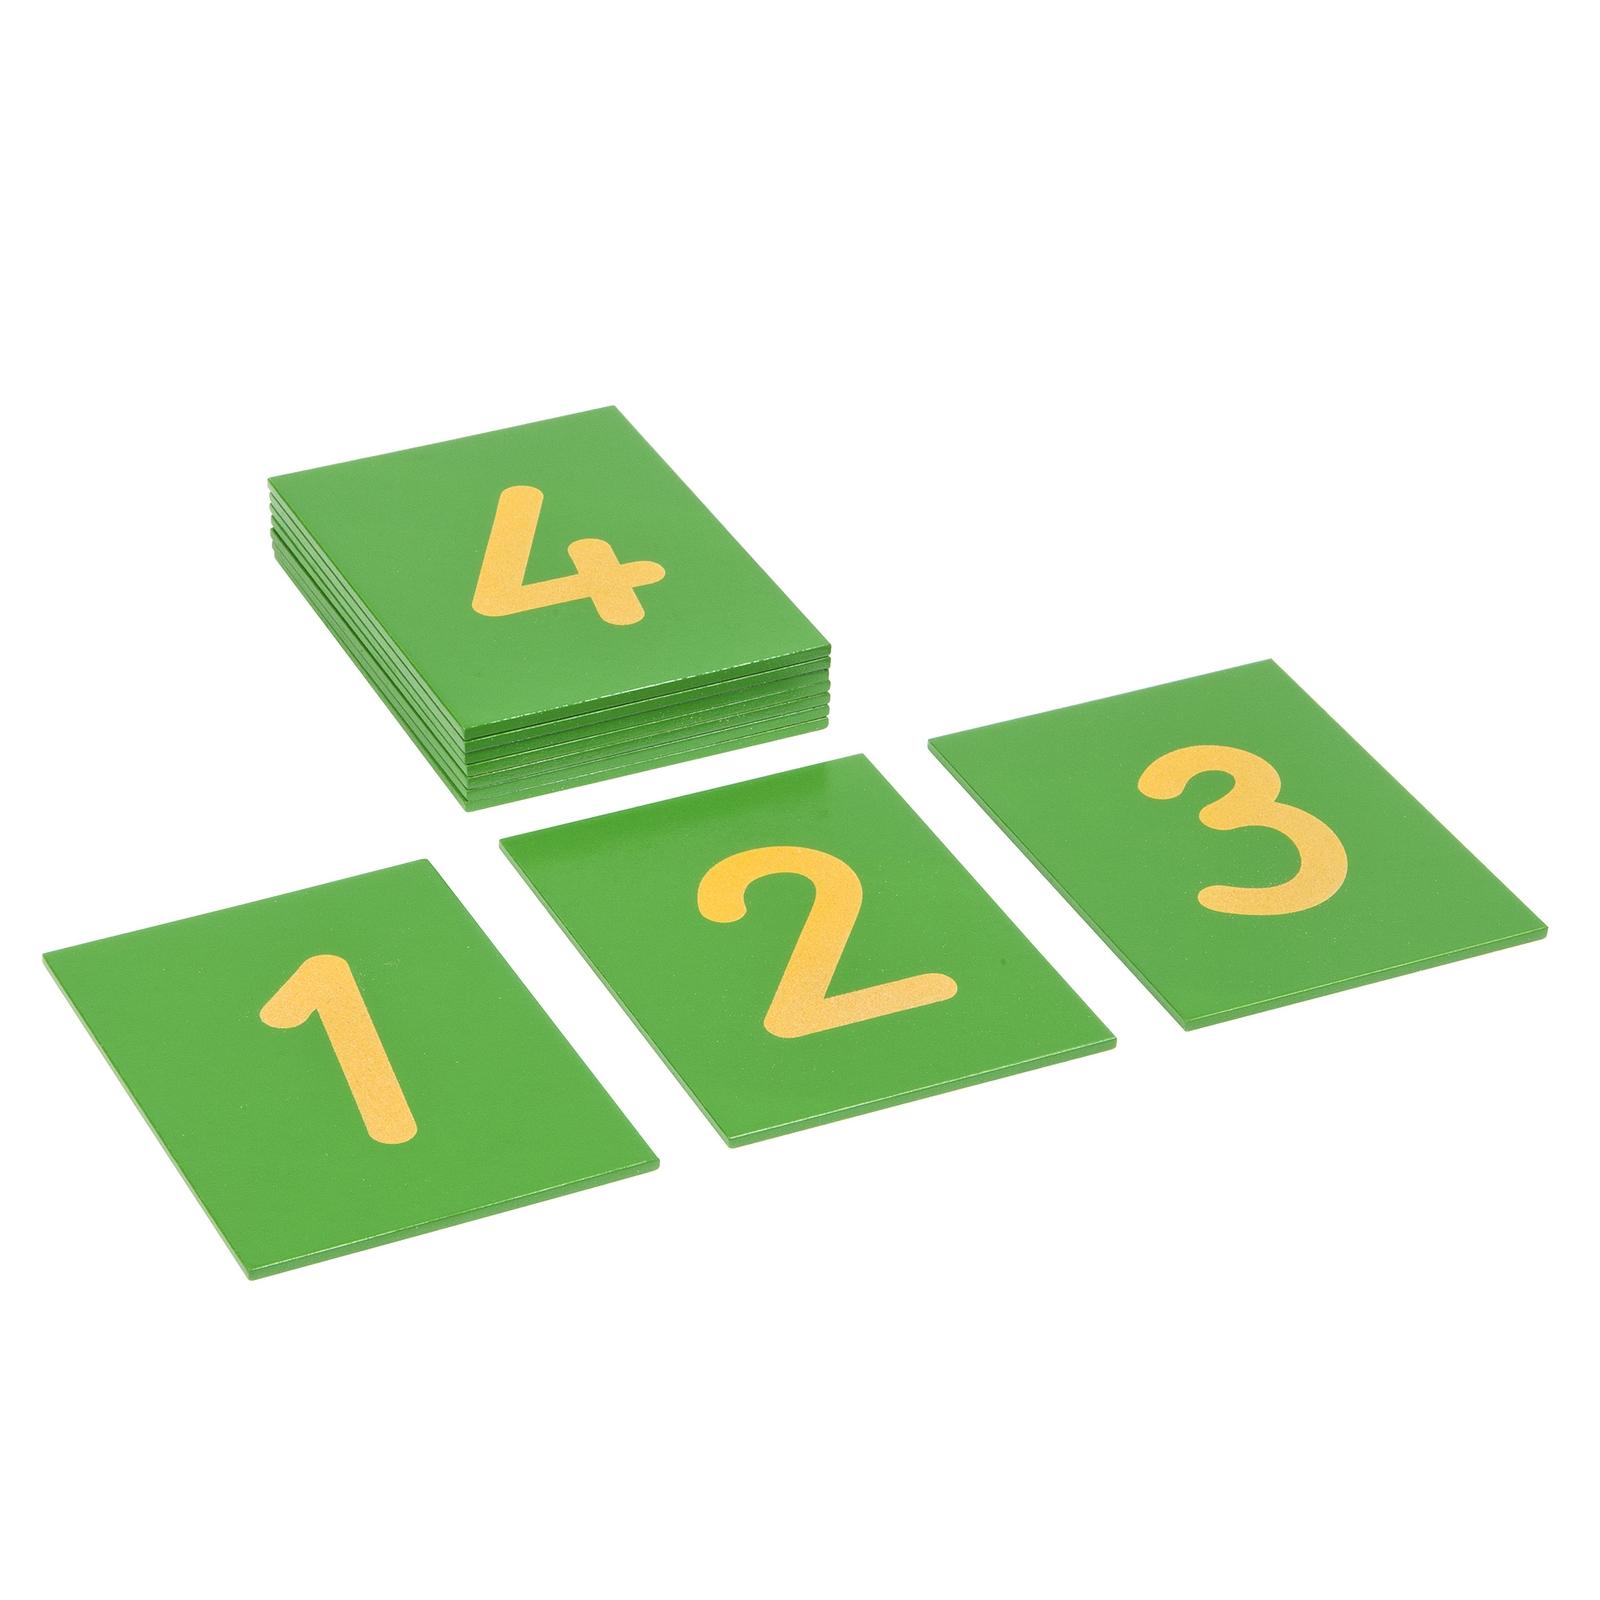 Sandpaper Numerals: International Version